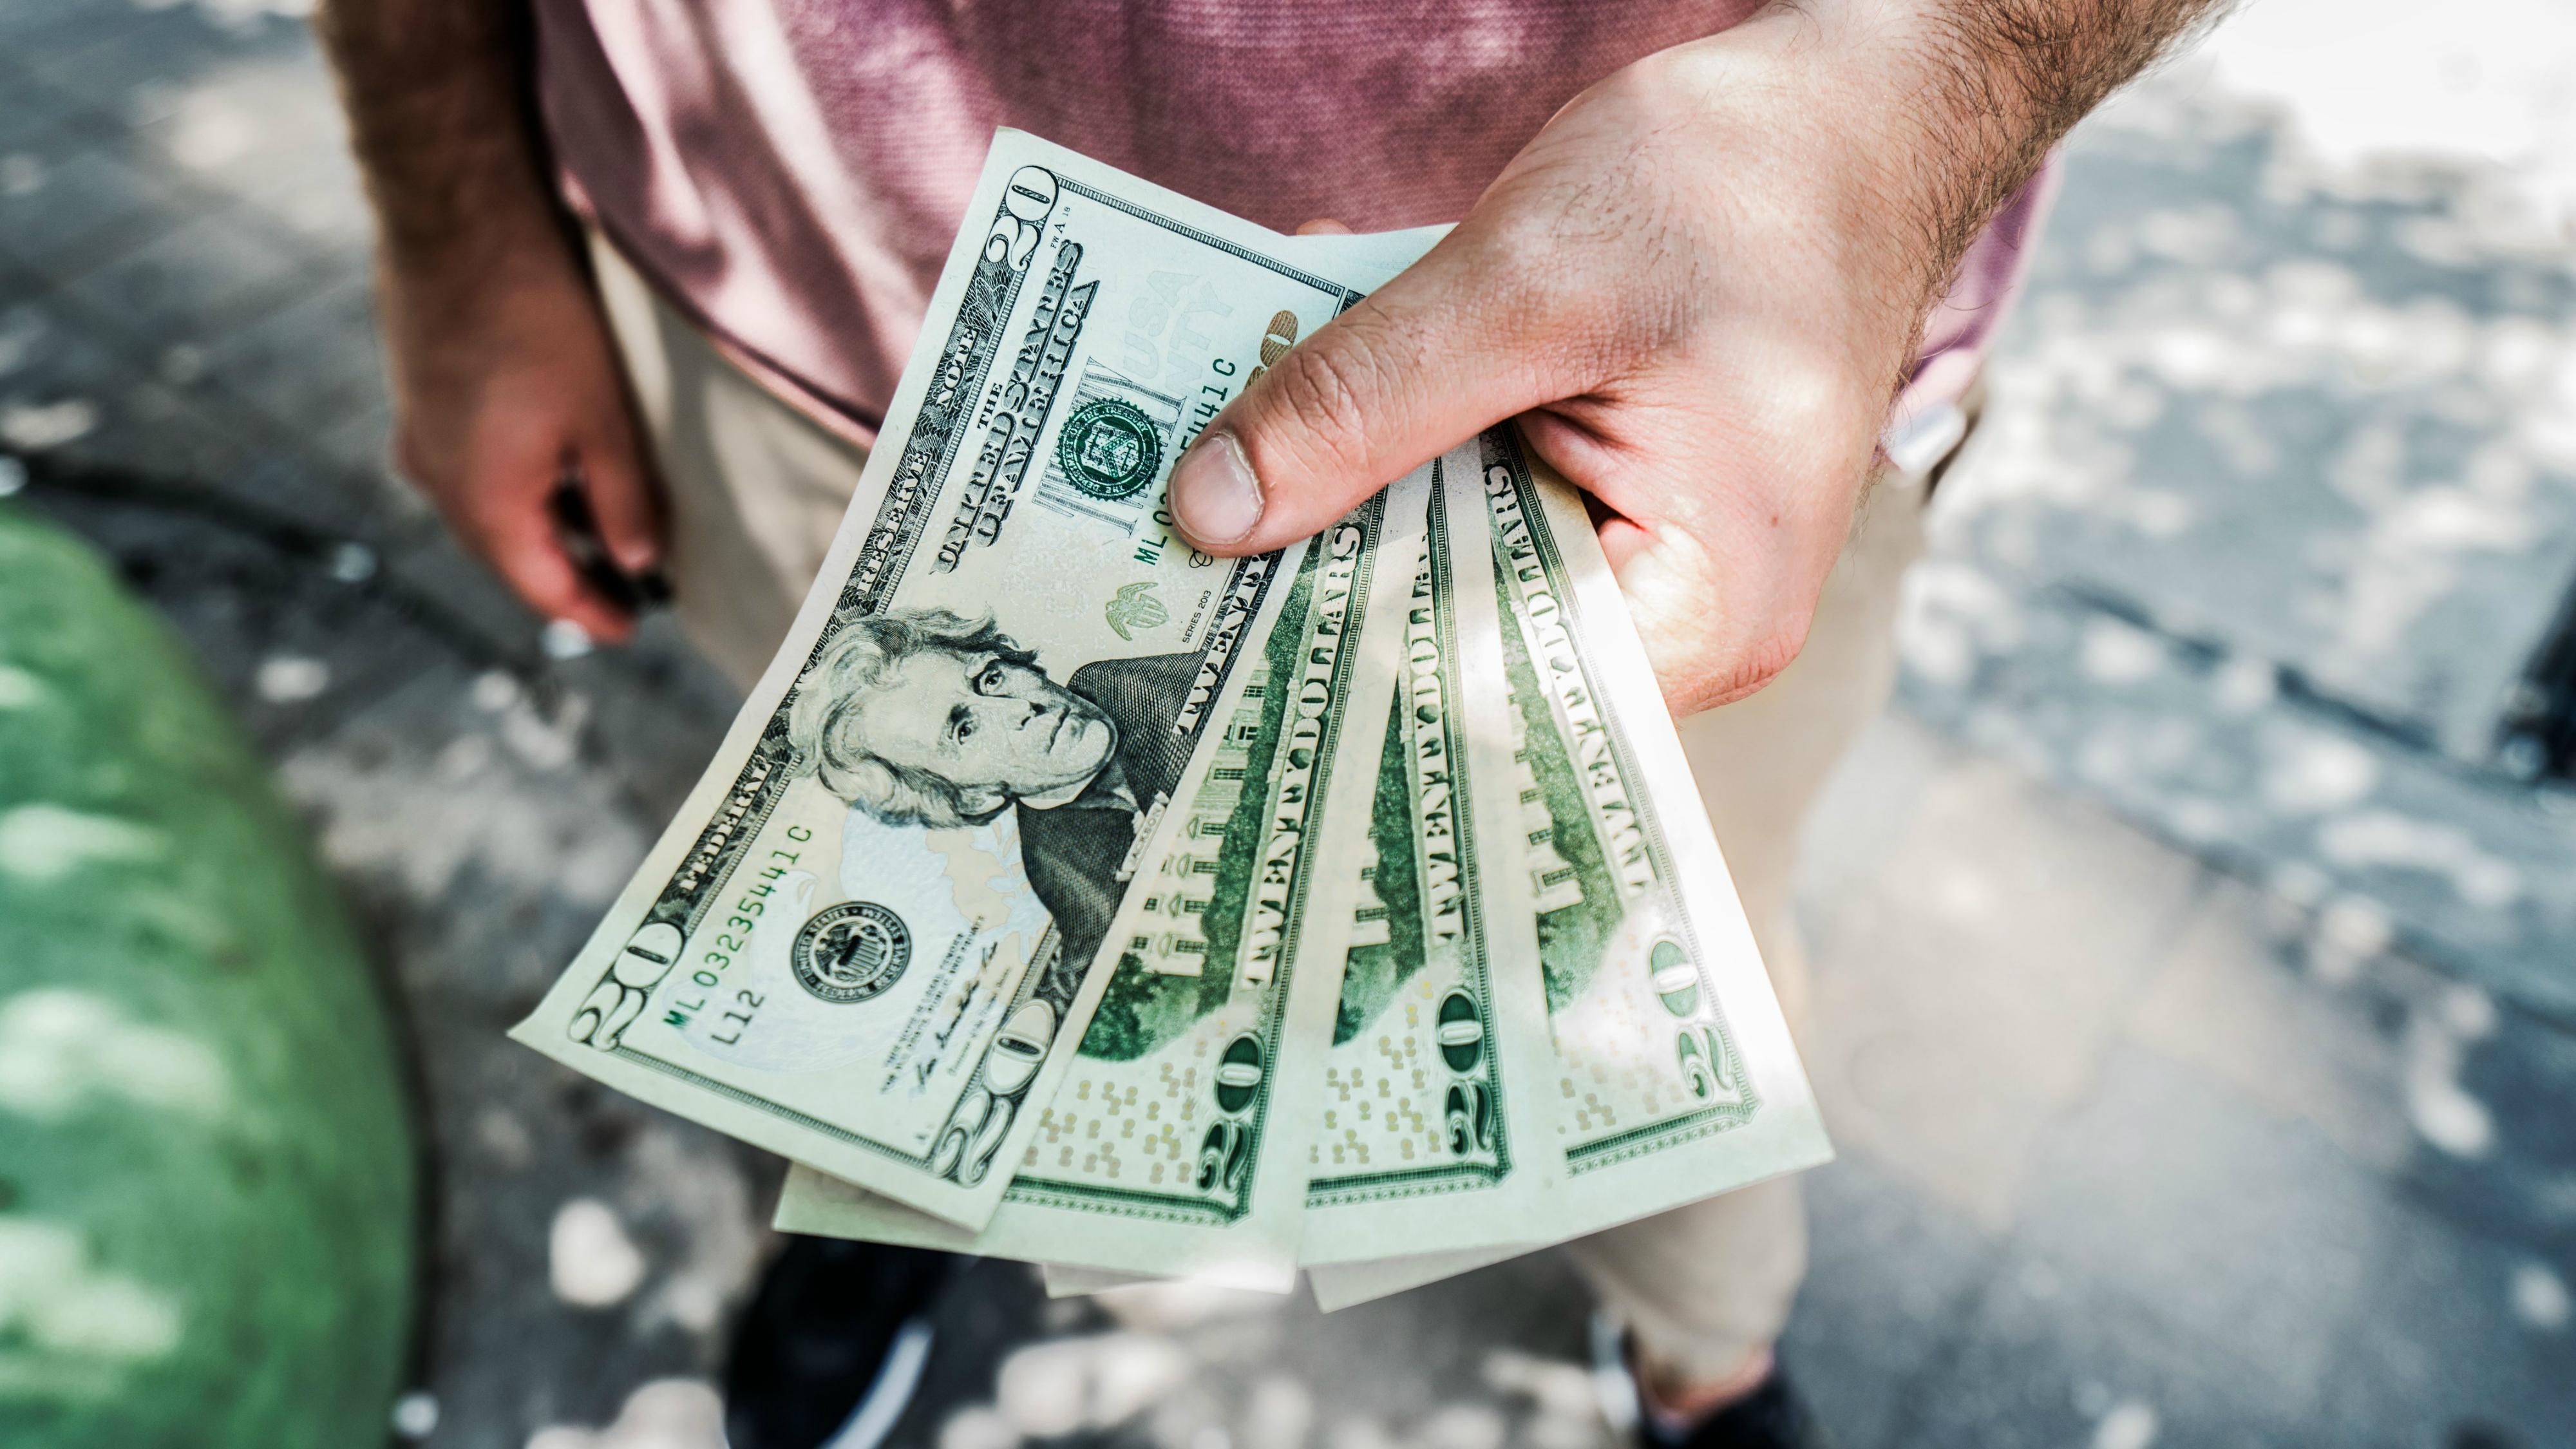 Es jums palīdzēšu nopelnīt naudu